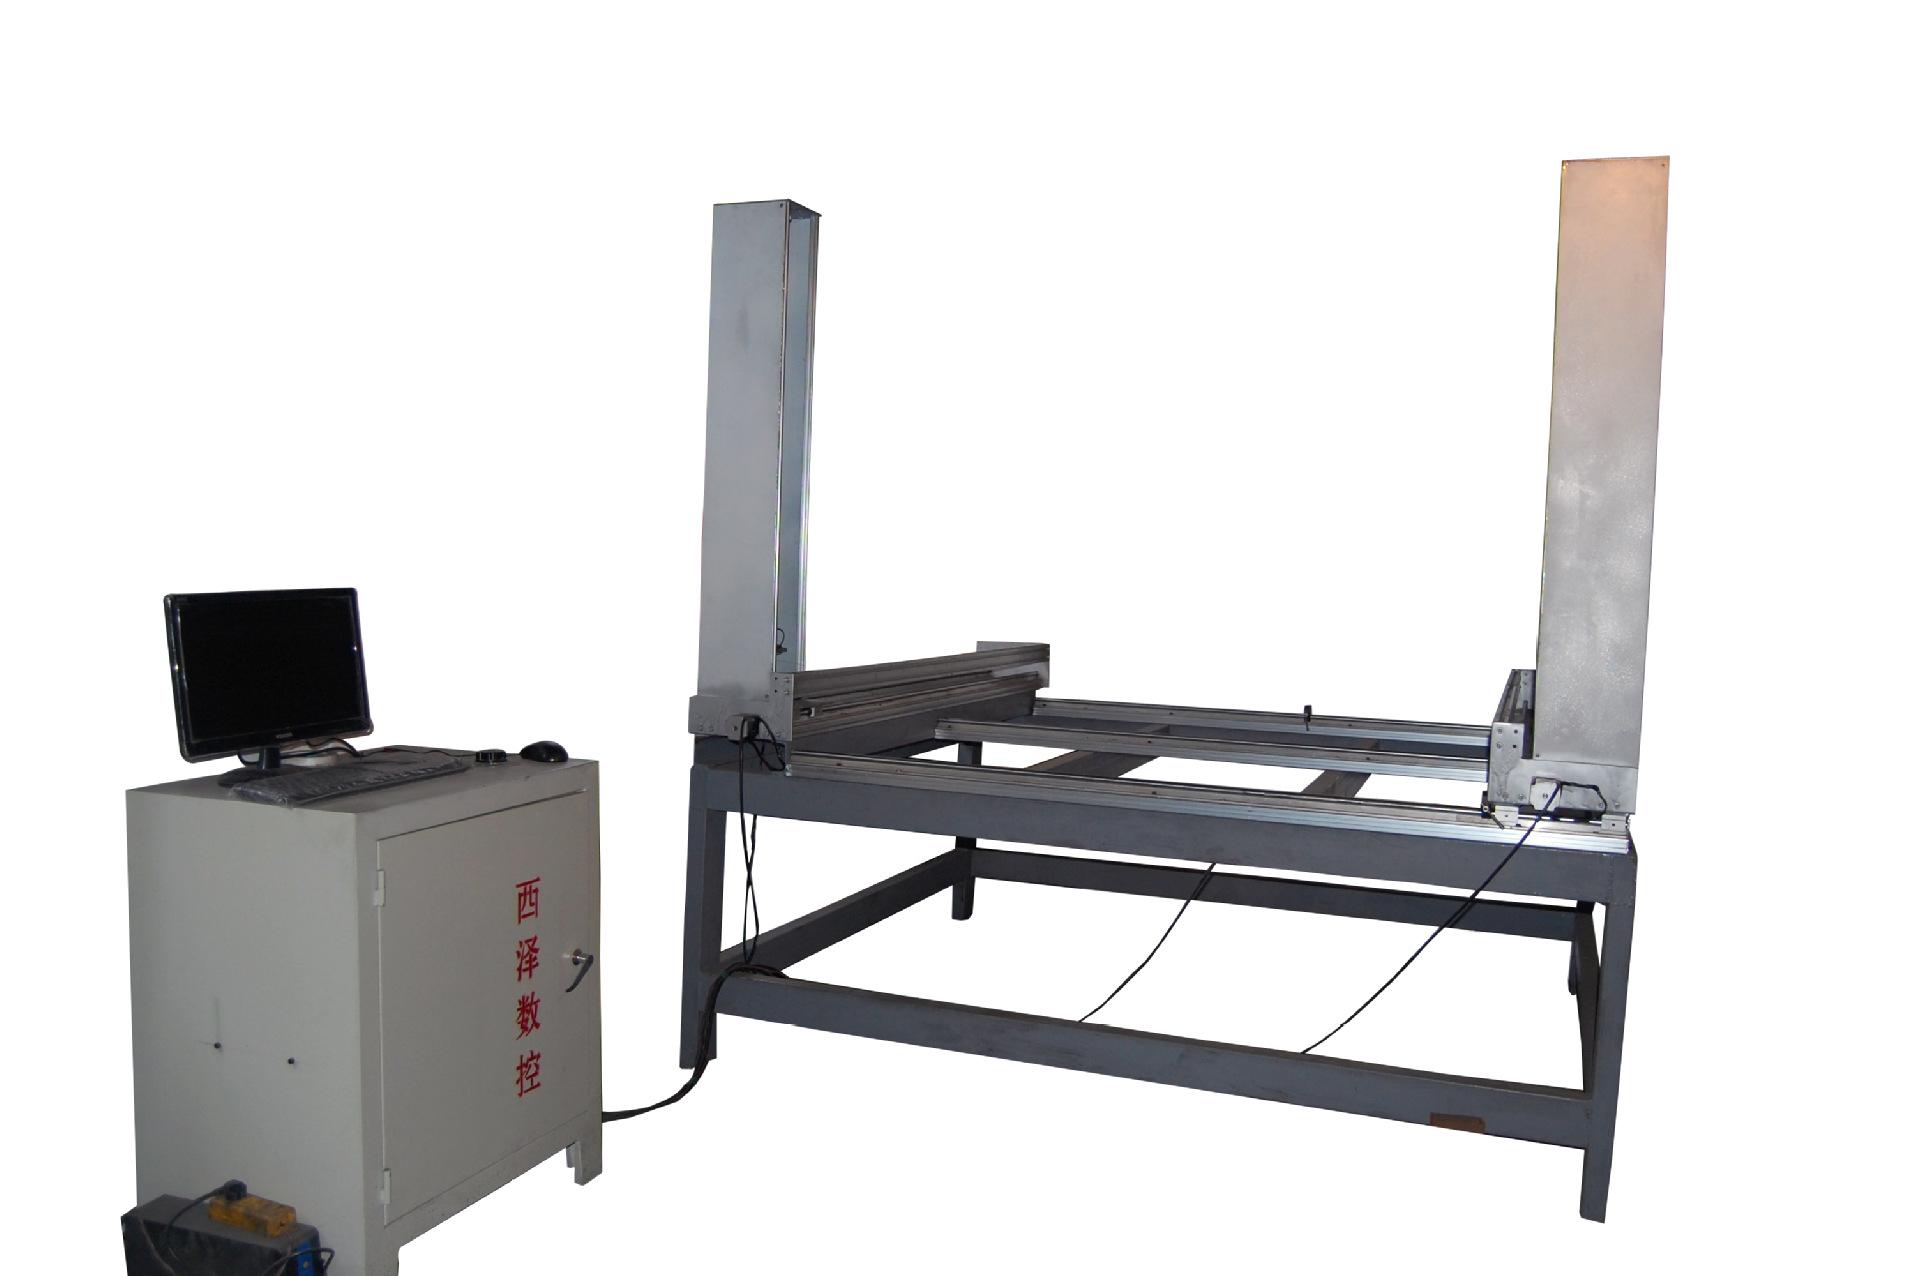 厂家供应] 数控eps泡沫切割机 电脑数控泡沫切割机 包装辅